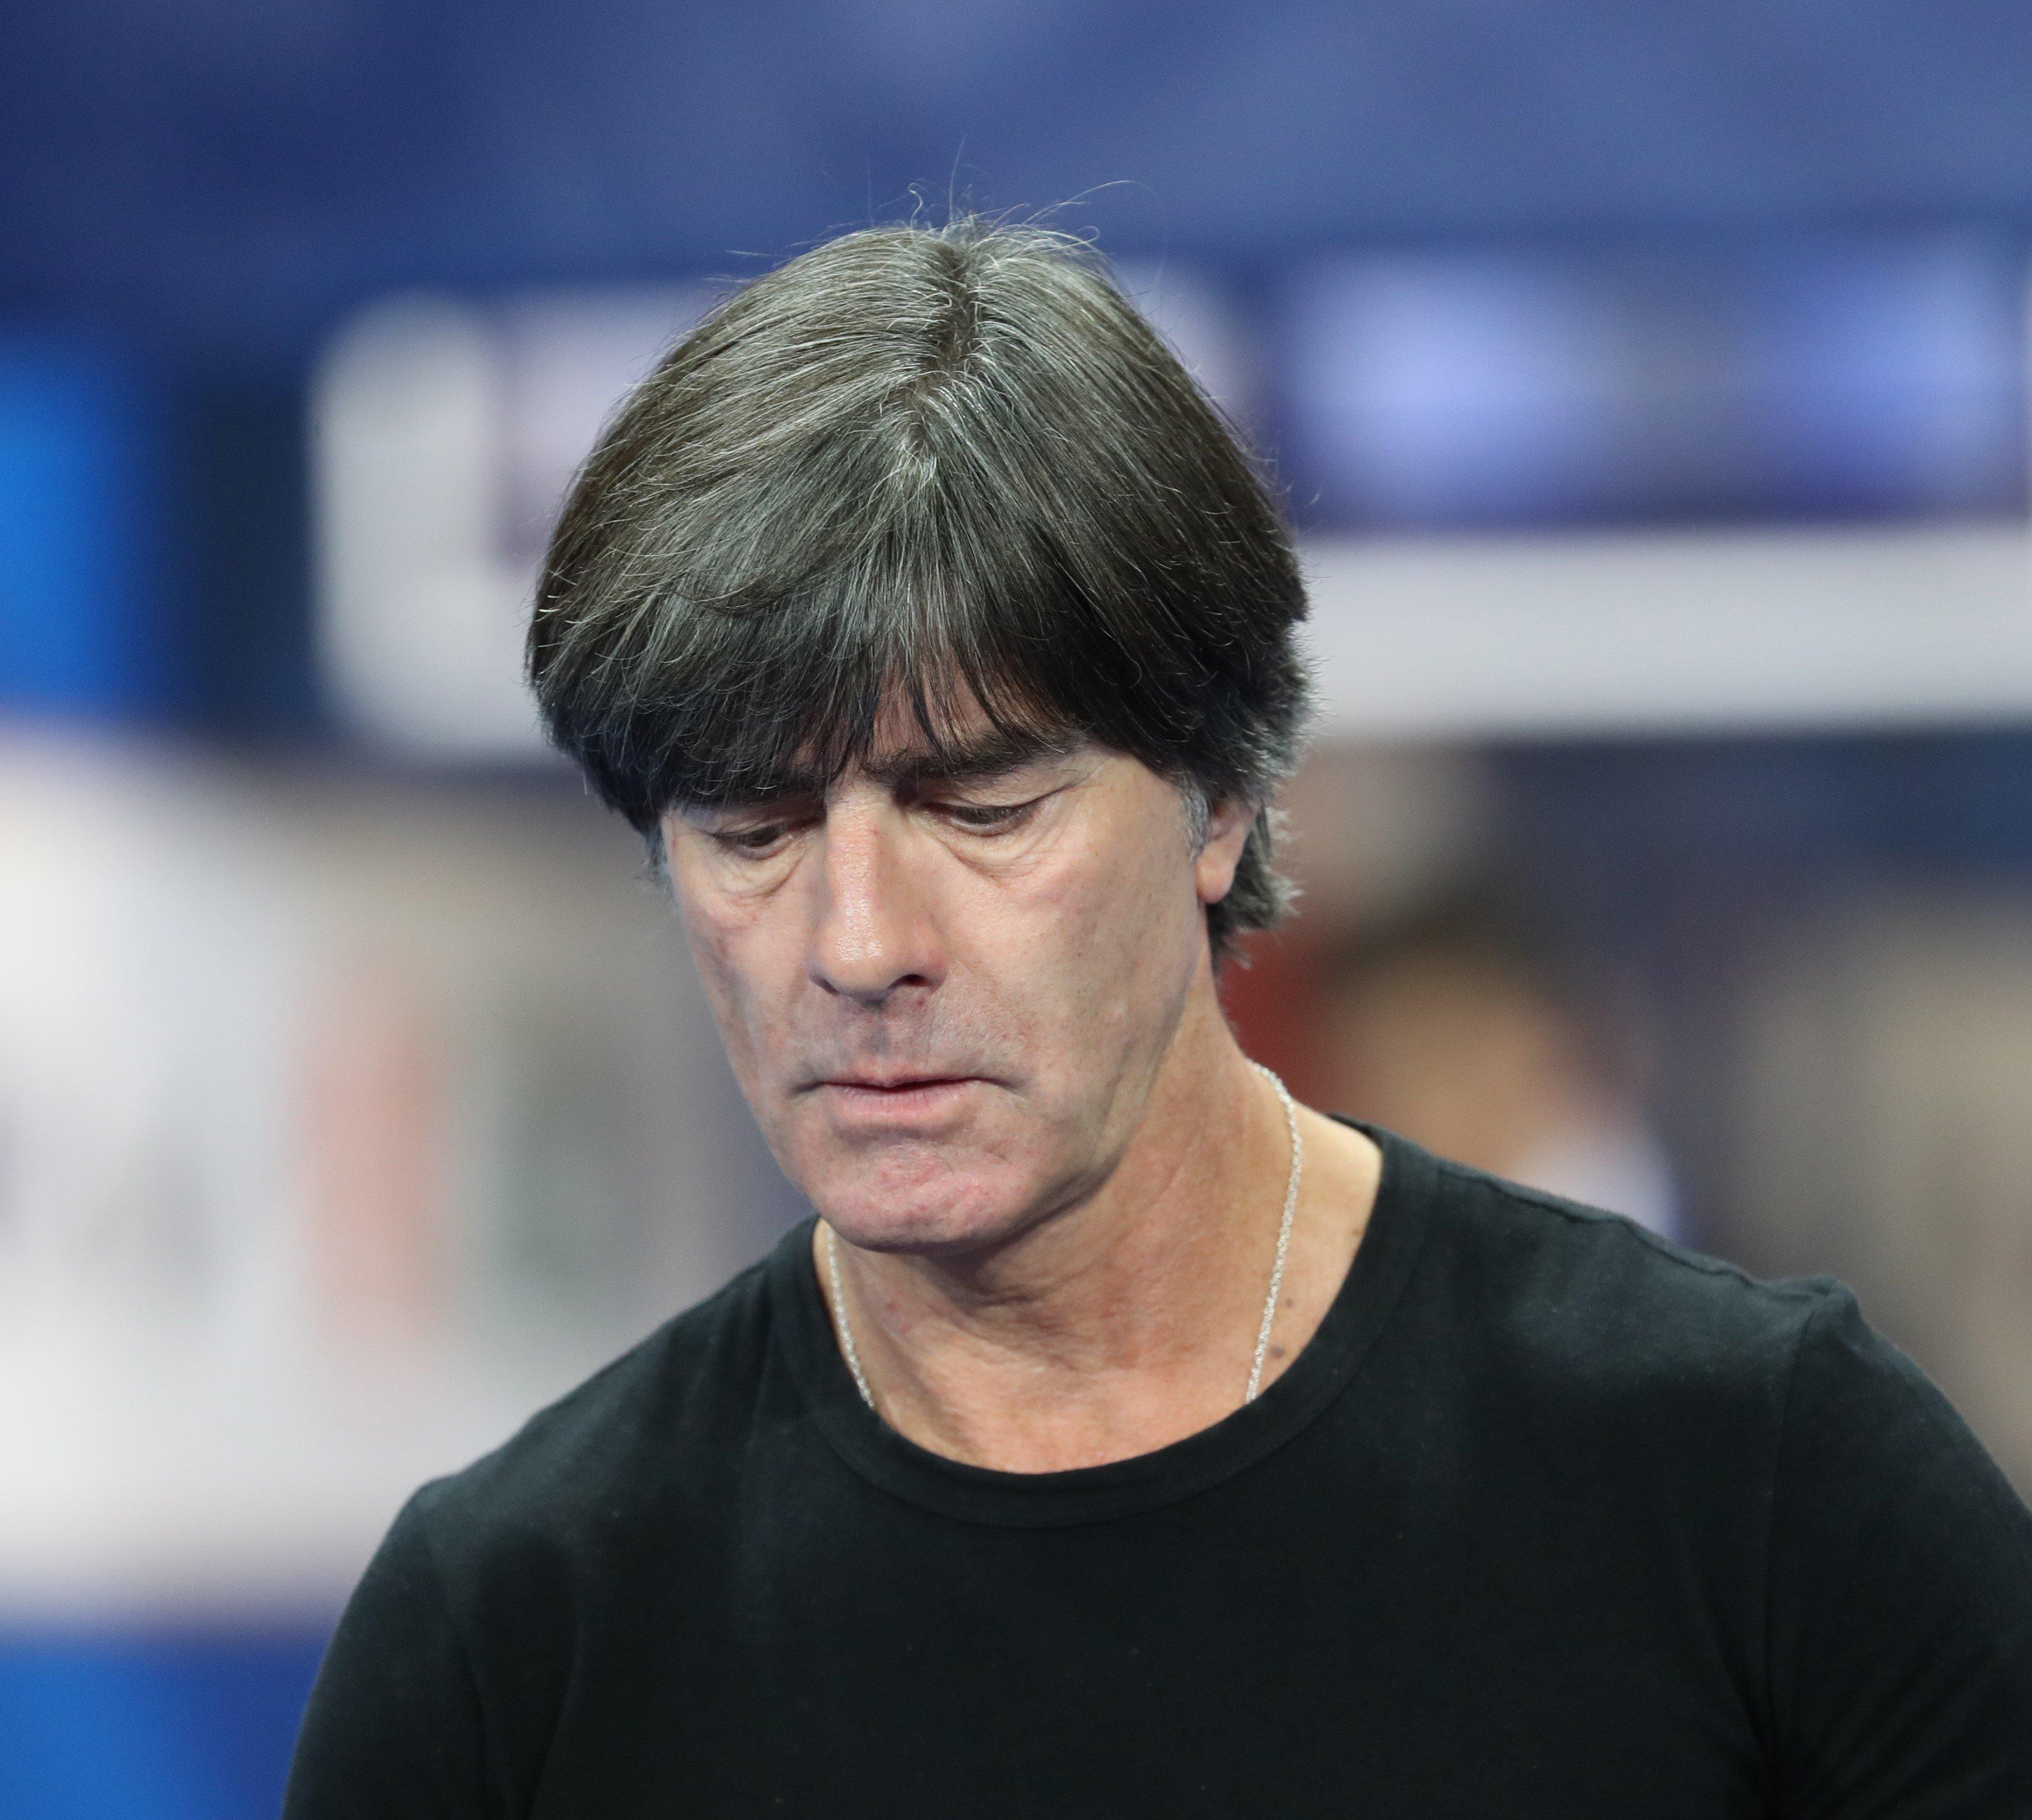 한국이 독일을 이긴 게 '말도 안 되는 기적'은 아니었던 것